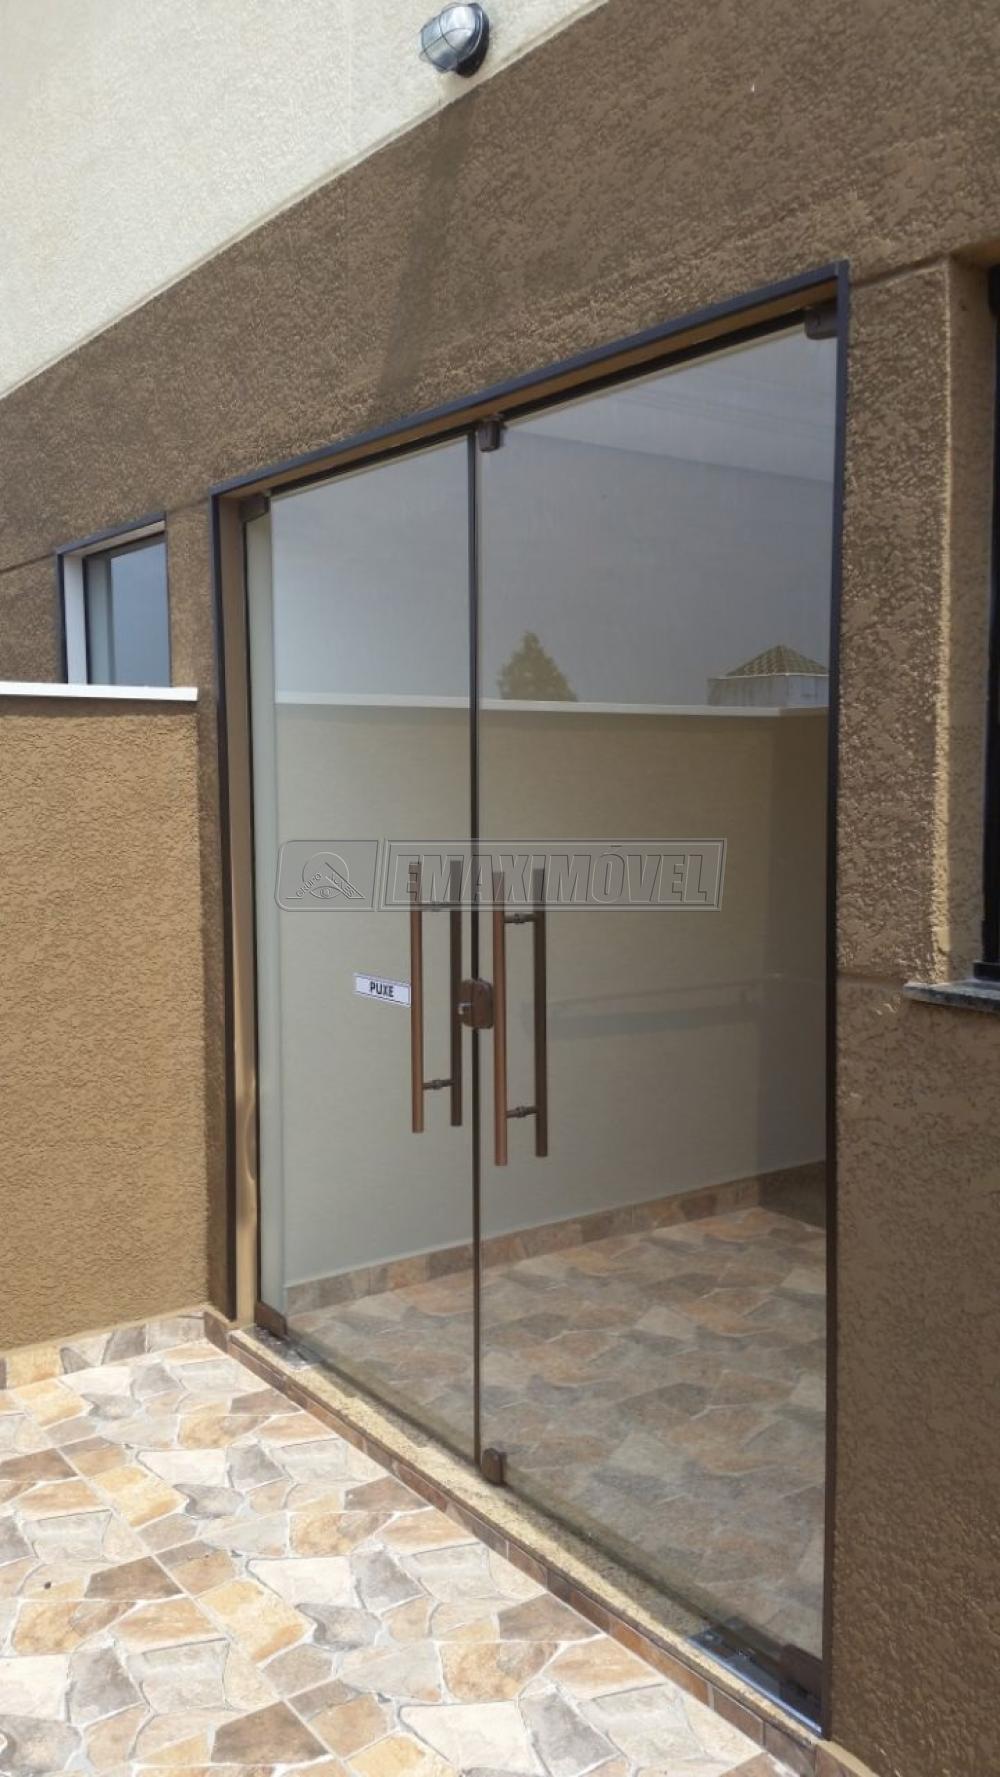 Alugar Apartamento / Padrão em Sorocaba R$ 1.300,00 - Foto 2